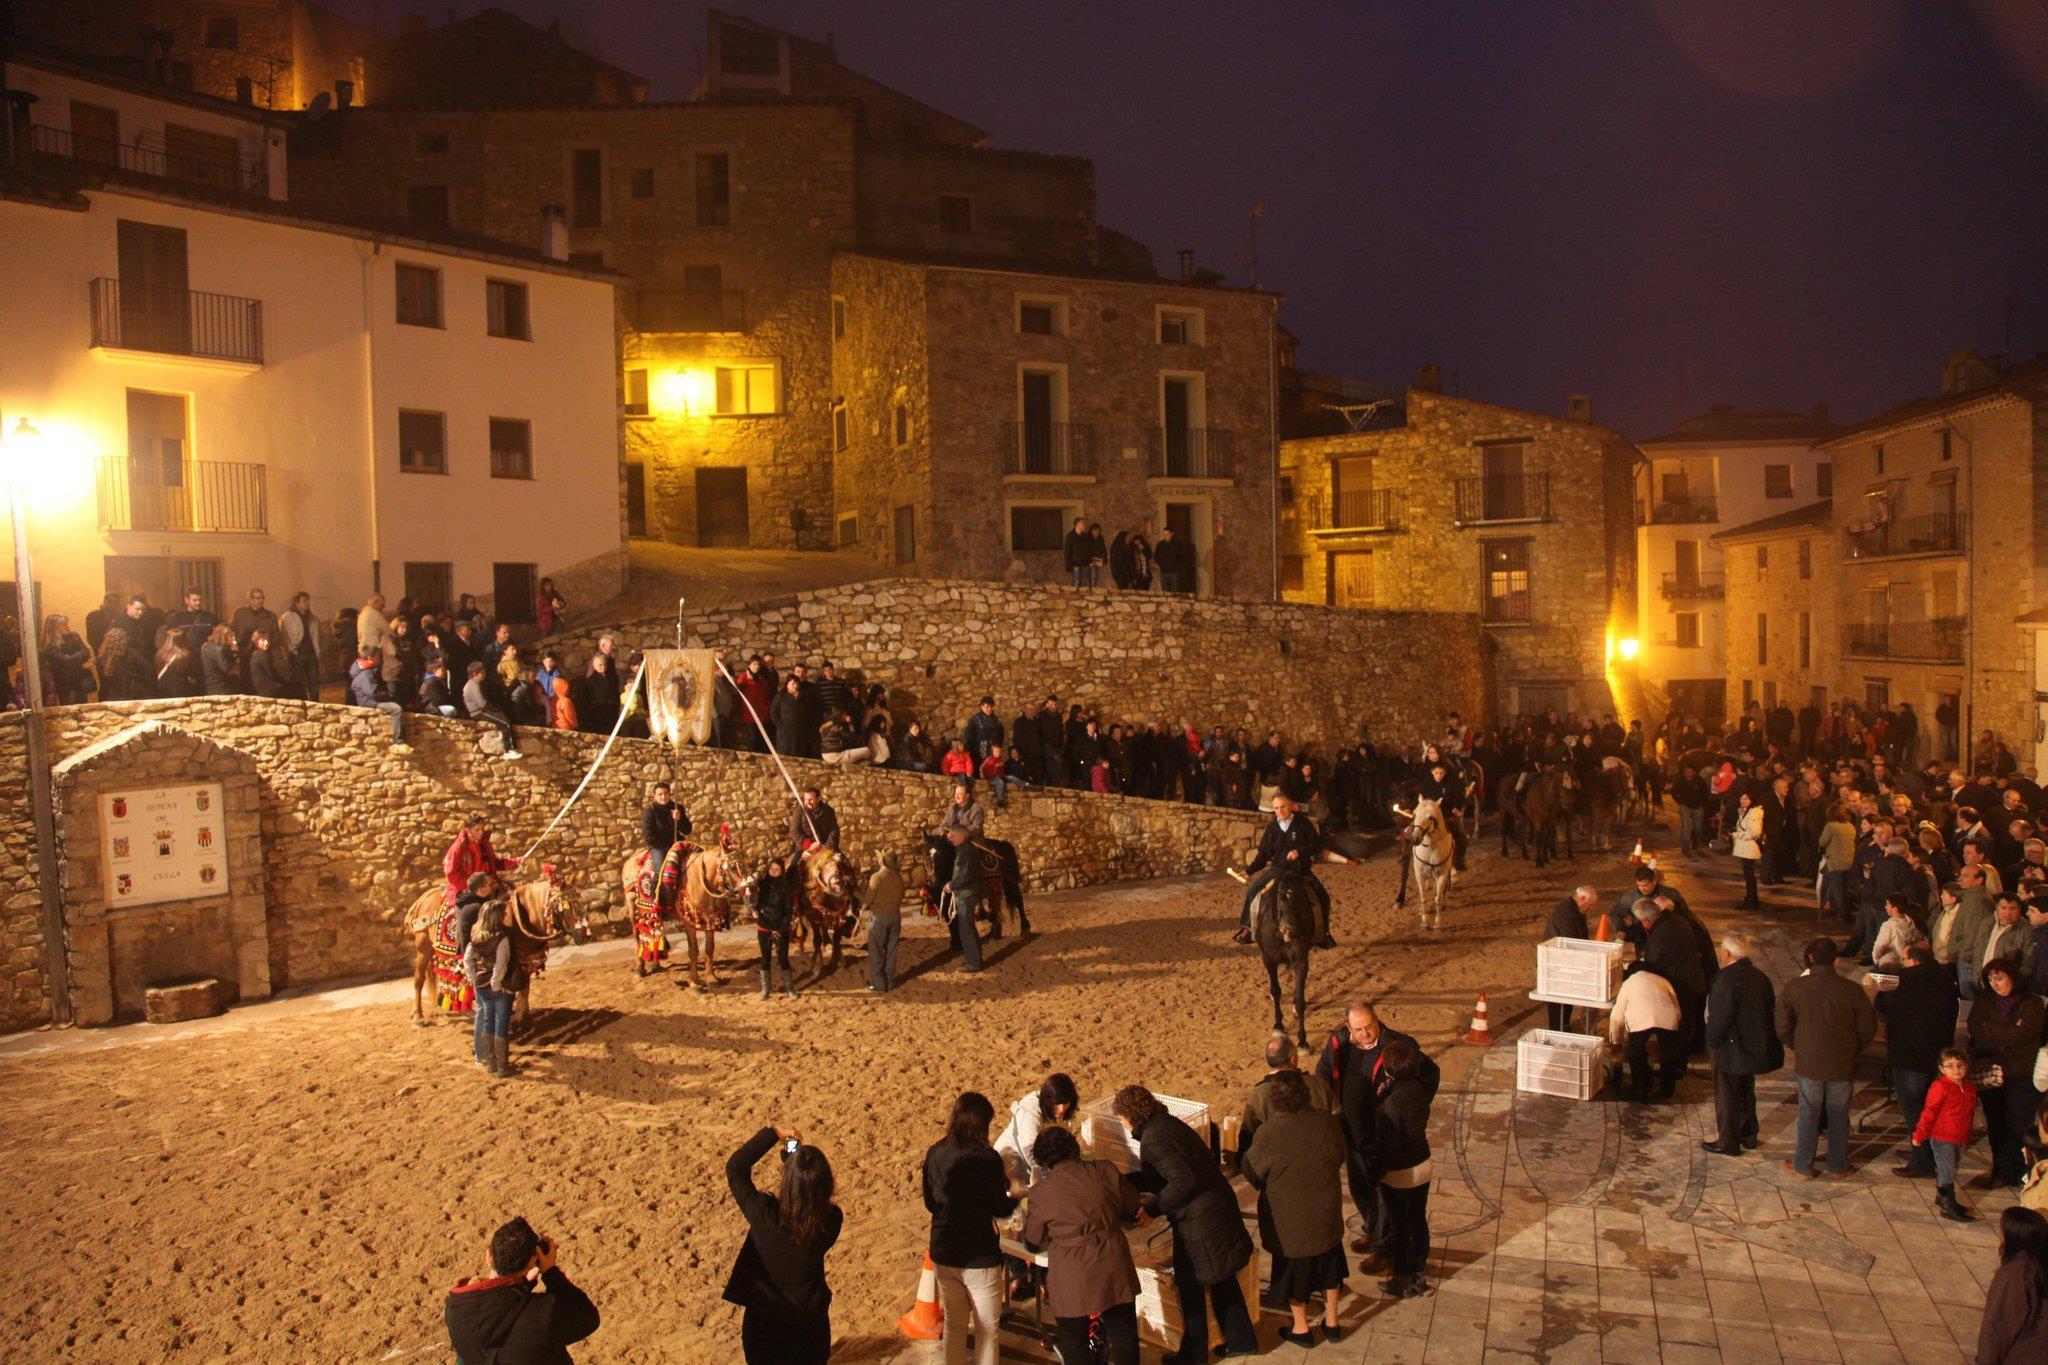 Culla celebrarà aquest cap de setmana la festa de Sant Antoni Abat i Sant Pere Màrtir